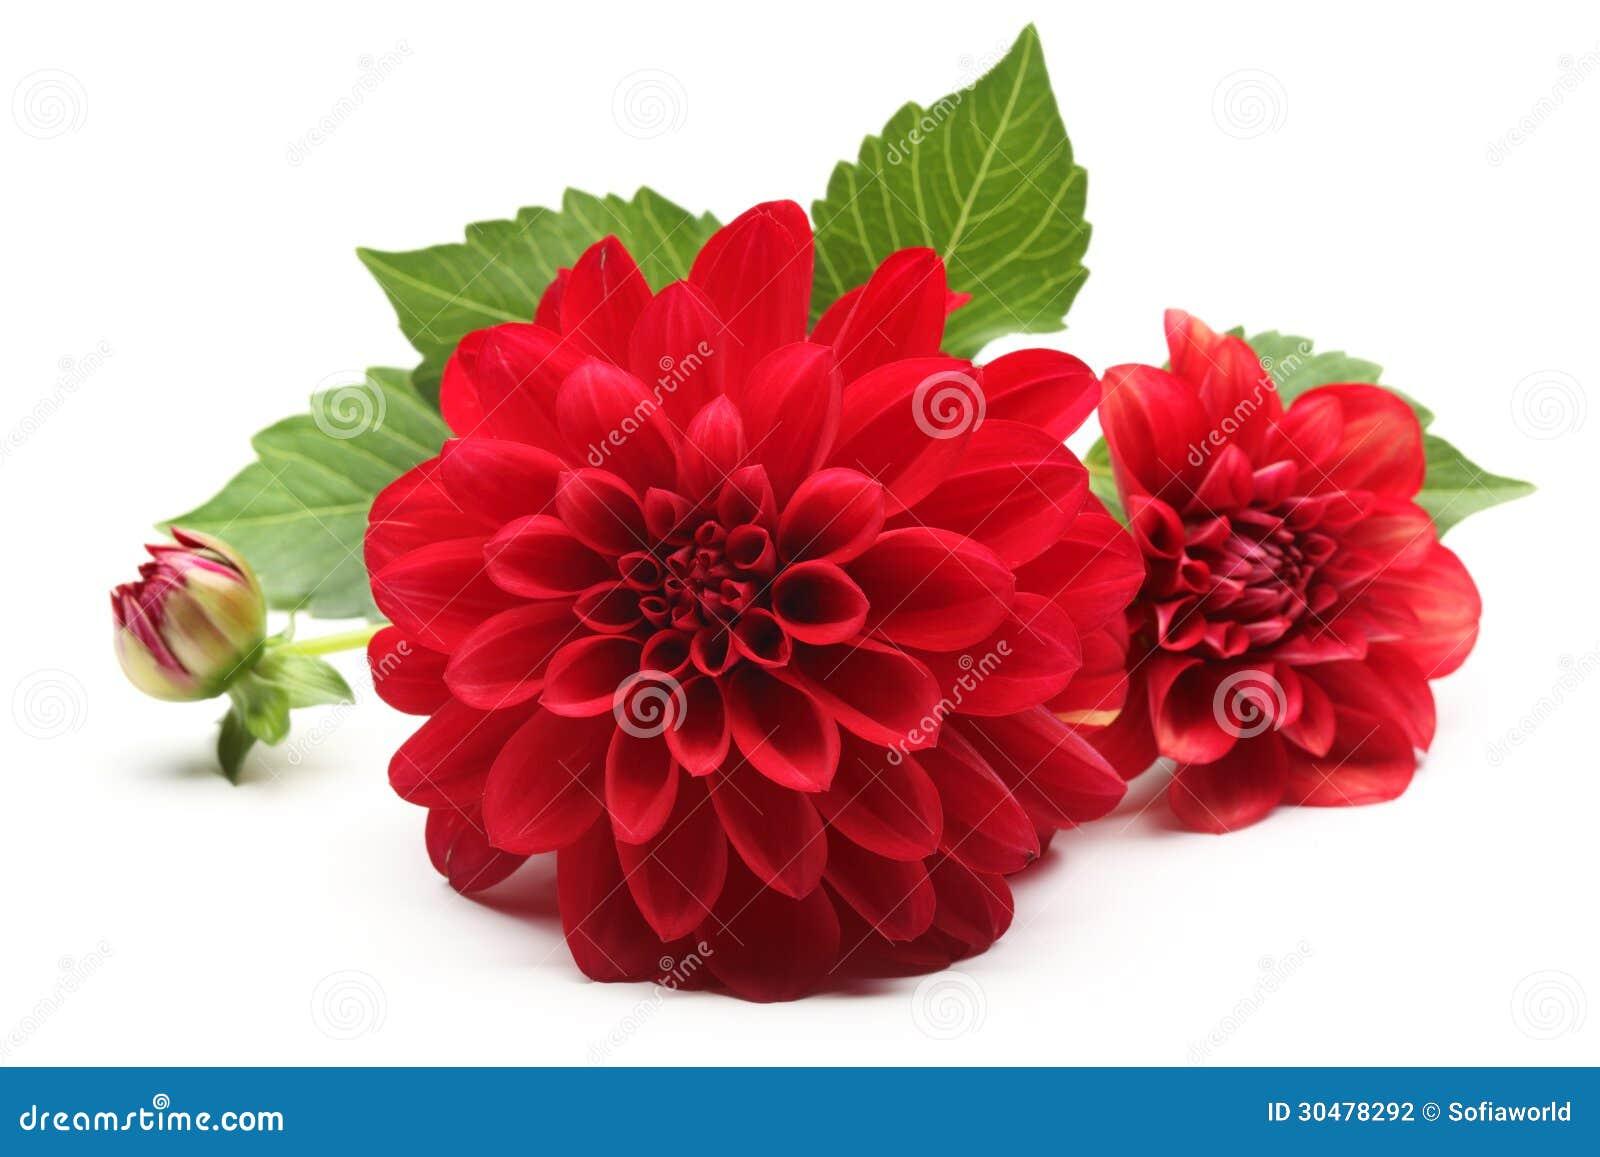 fleur rouge de dahlia photographie stock image 30478292. Black Bedroom Furniture Sets. Home Design Ideas